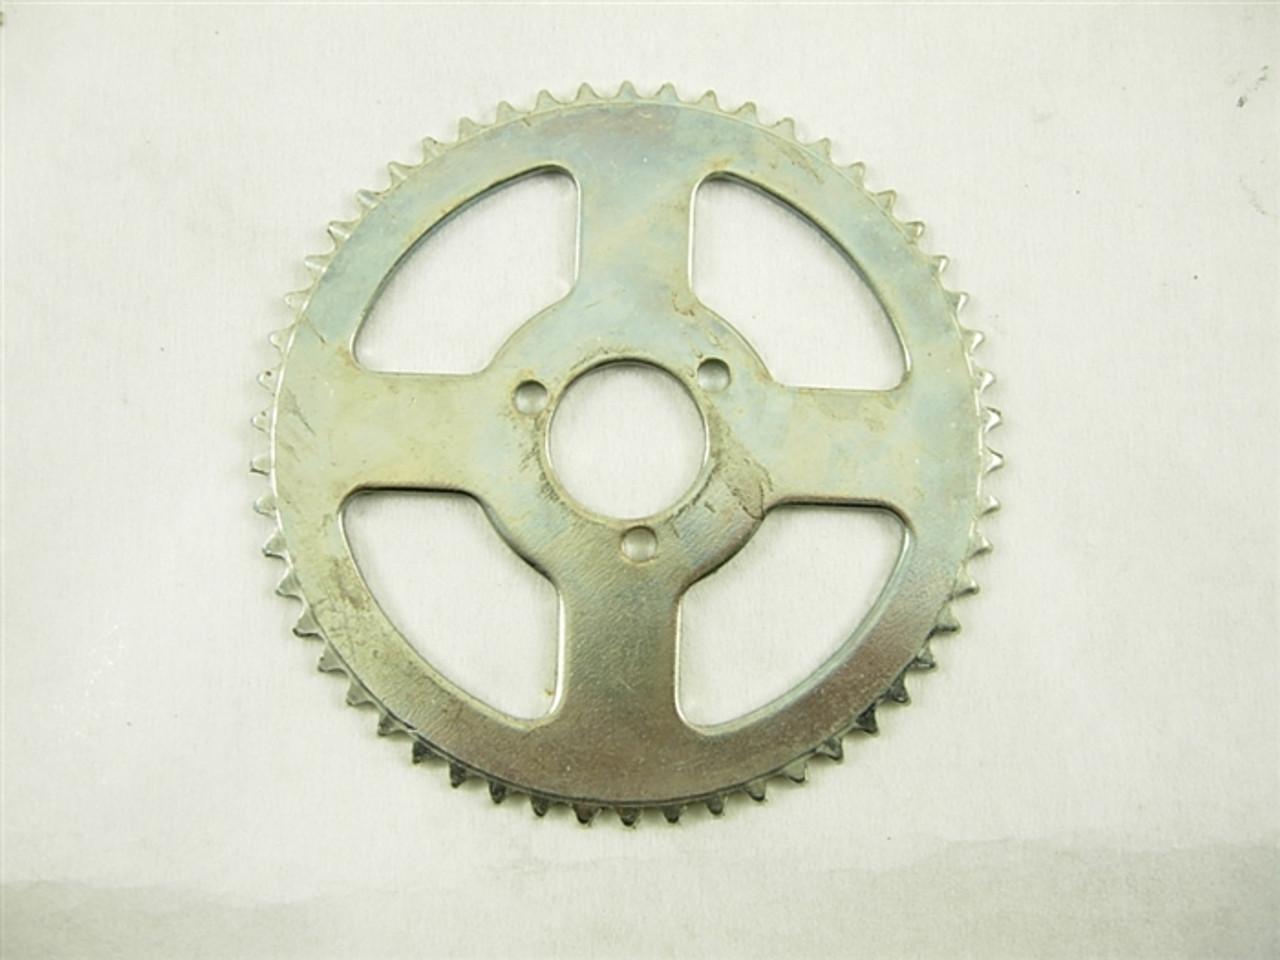 CHAIN SPROCKET (REAR) 13484-A194-10